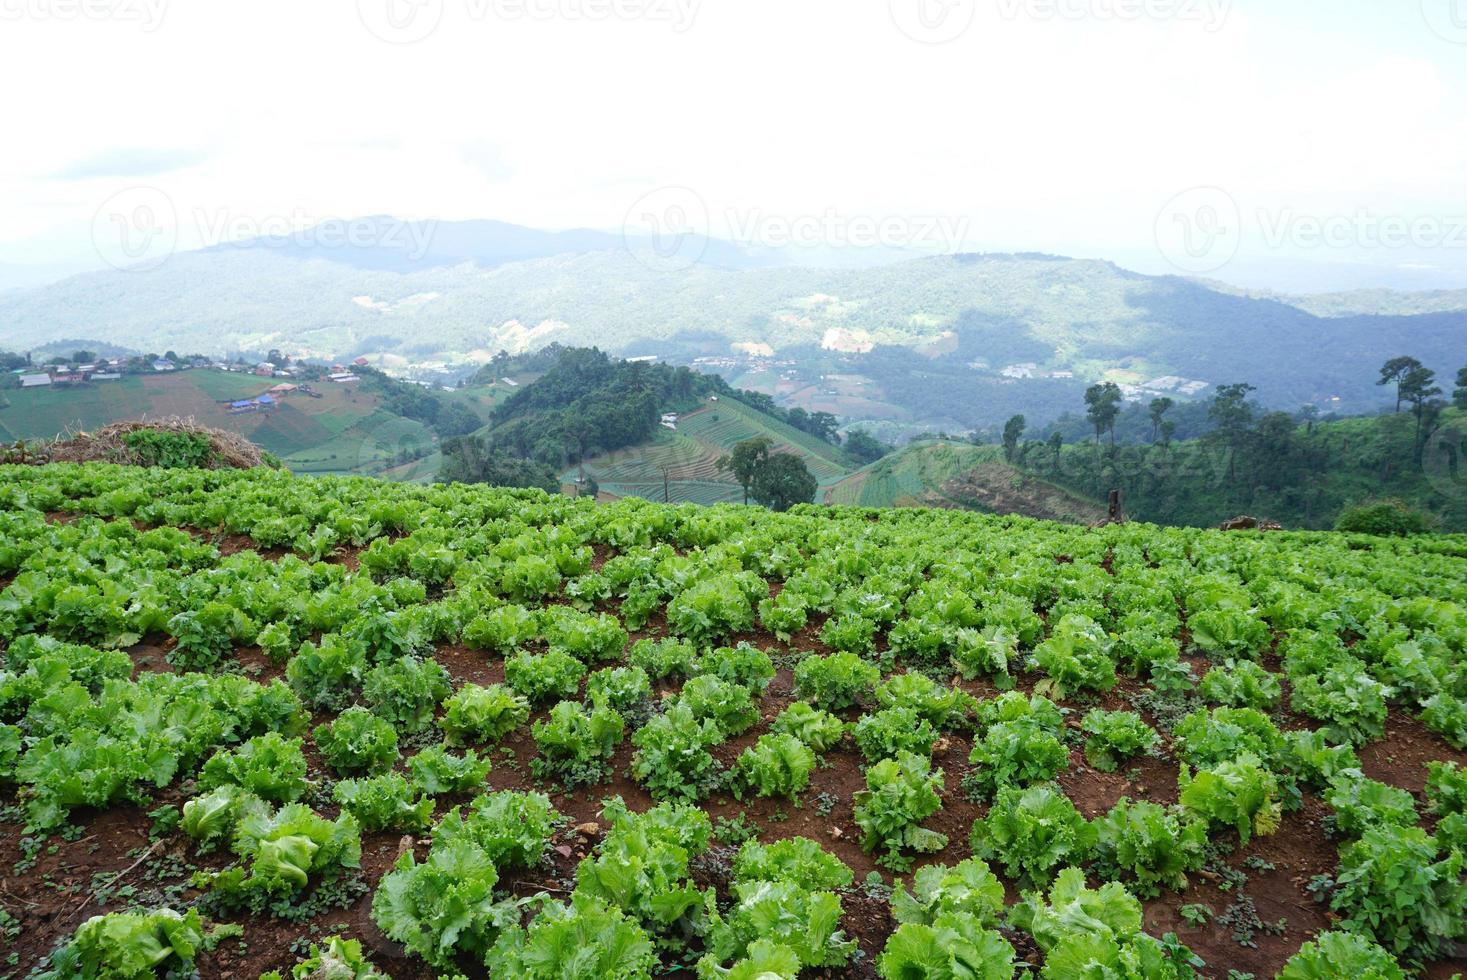 färsk grön sallad på marken i gården foto